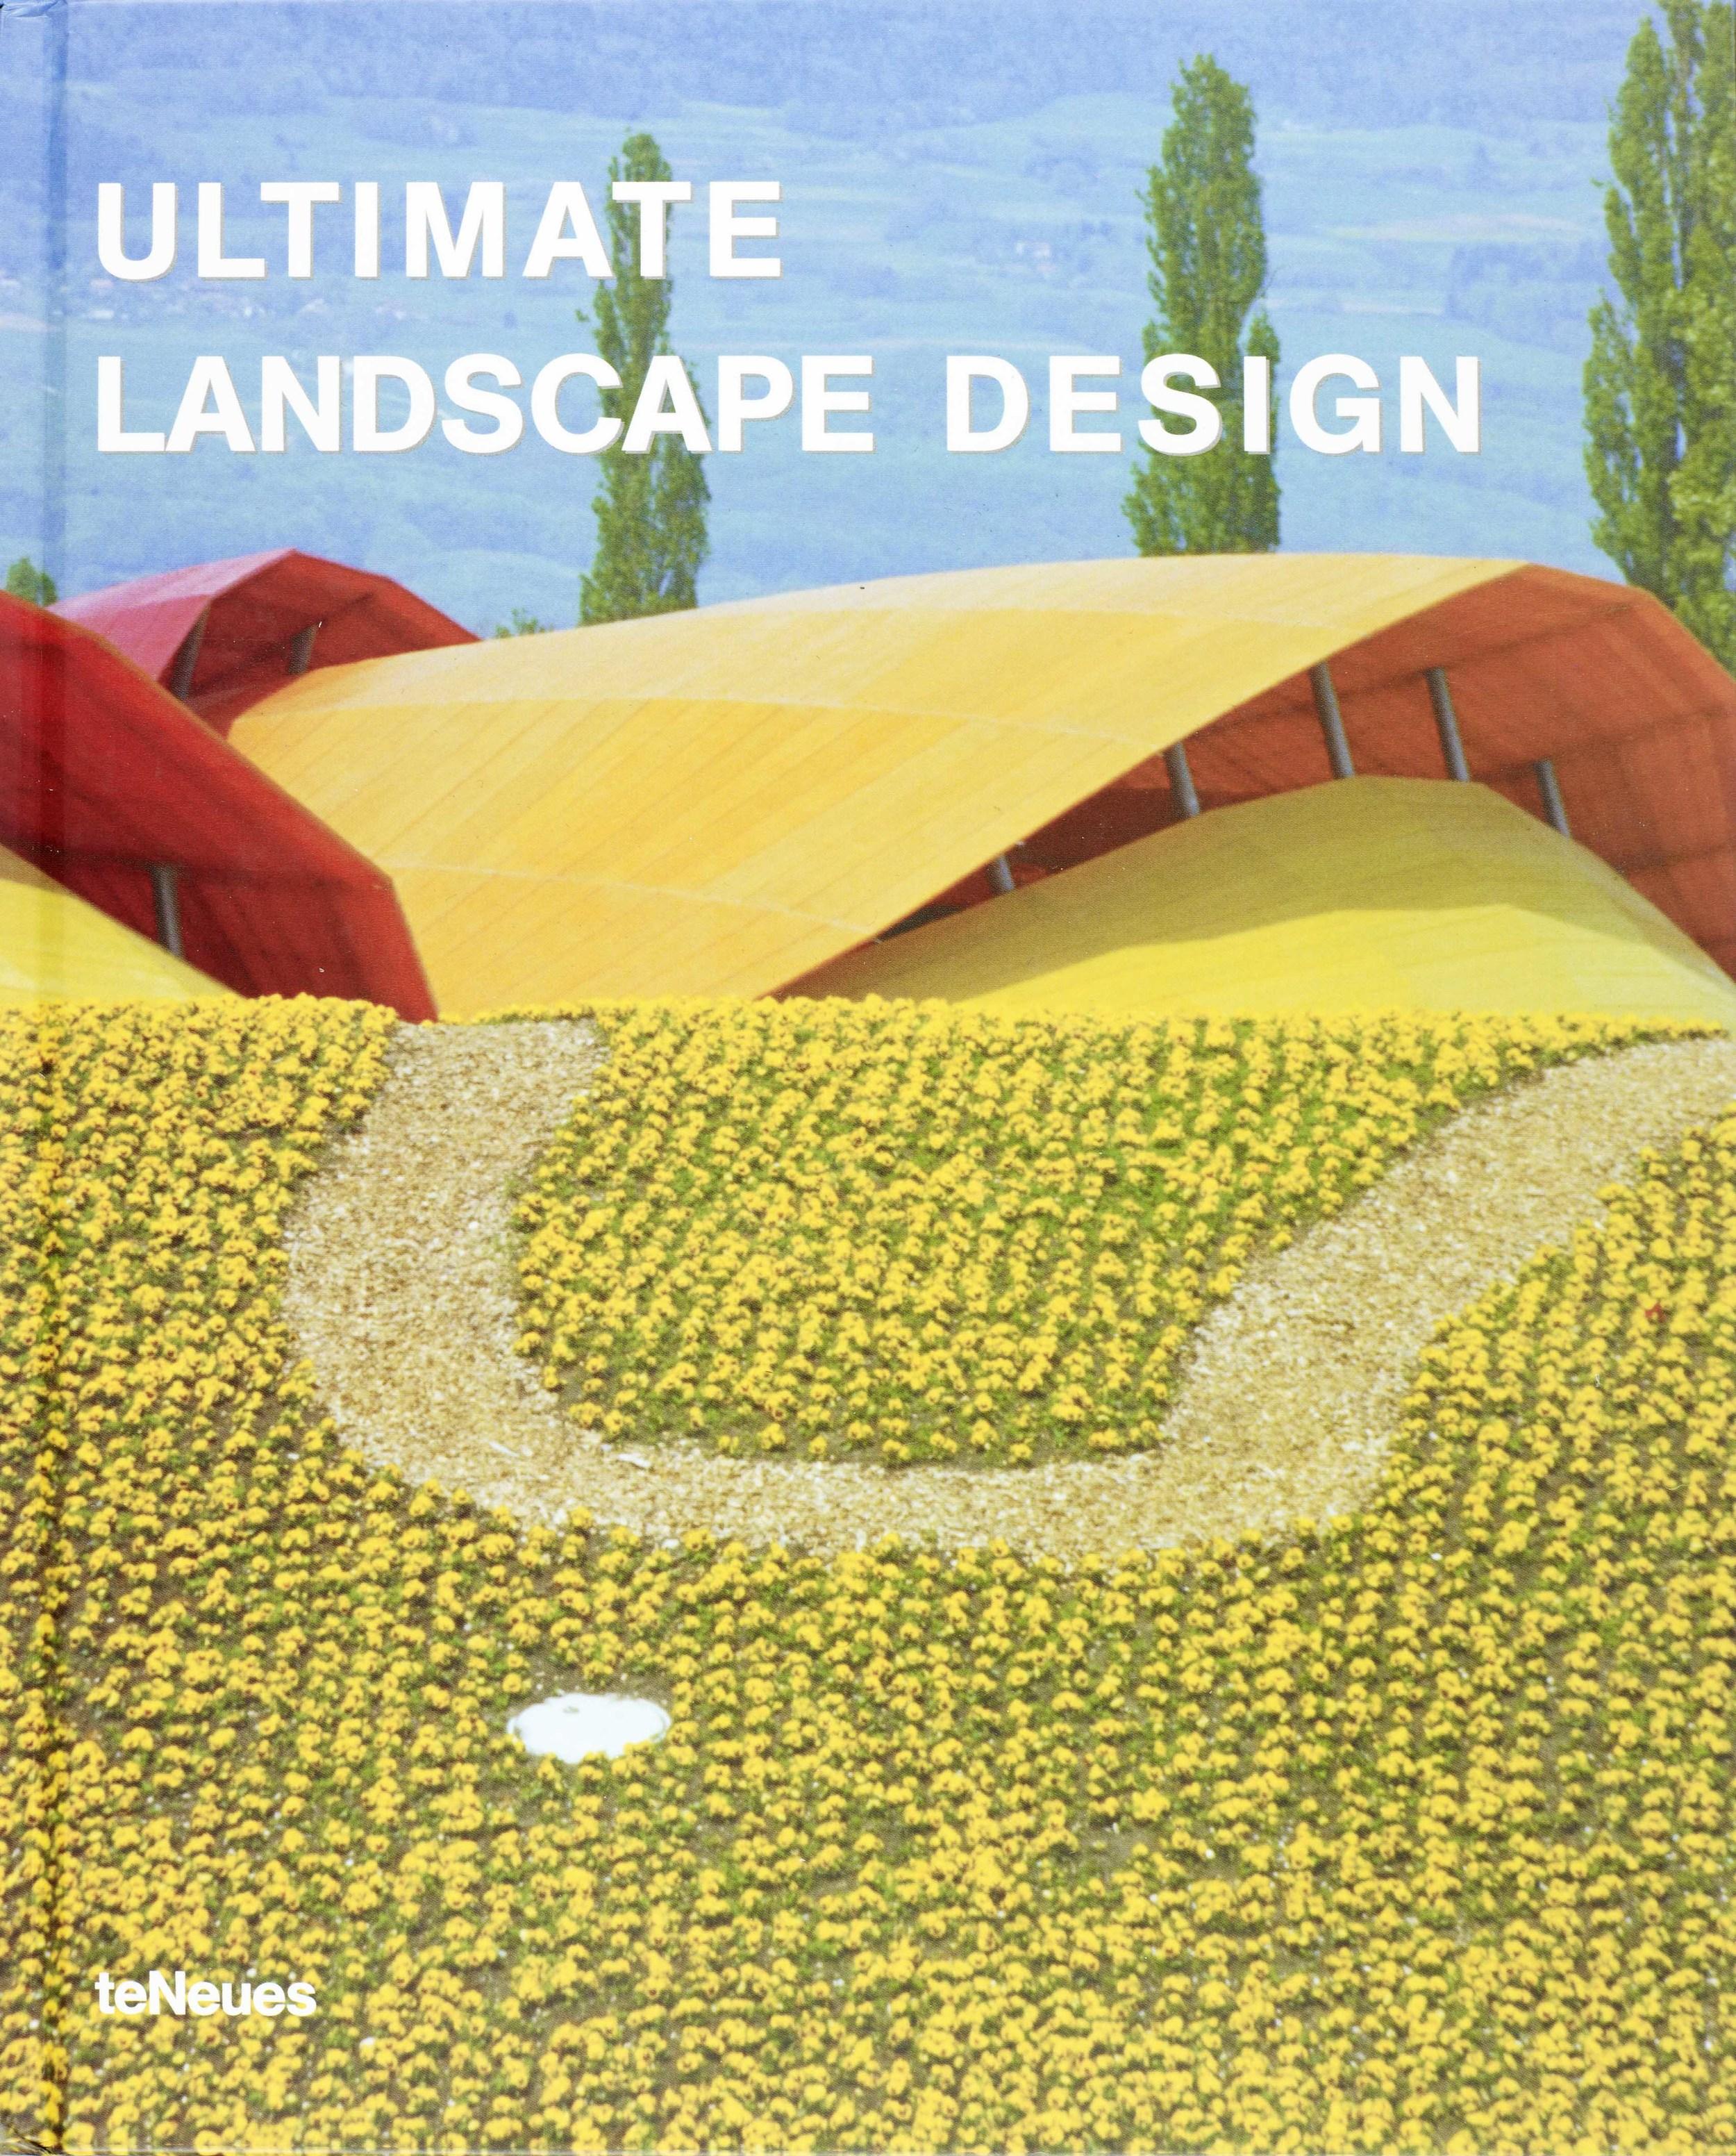 2006_ultimate landscape design.jpg